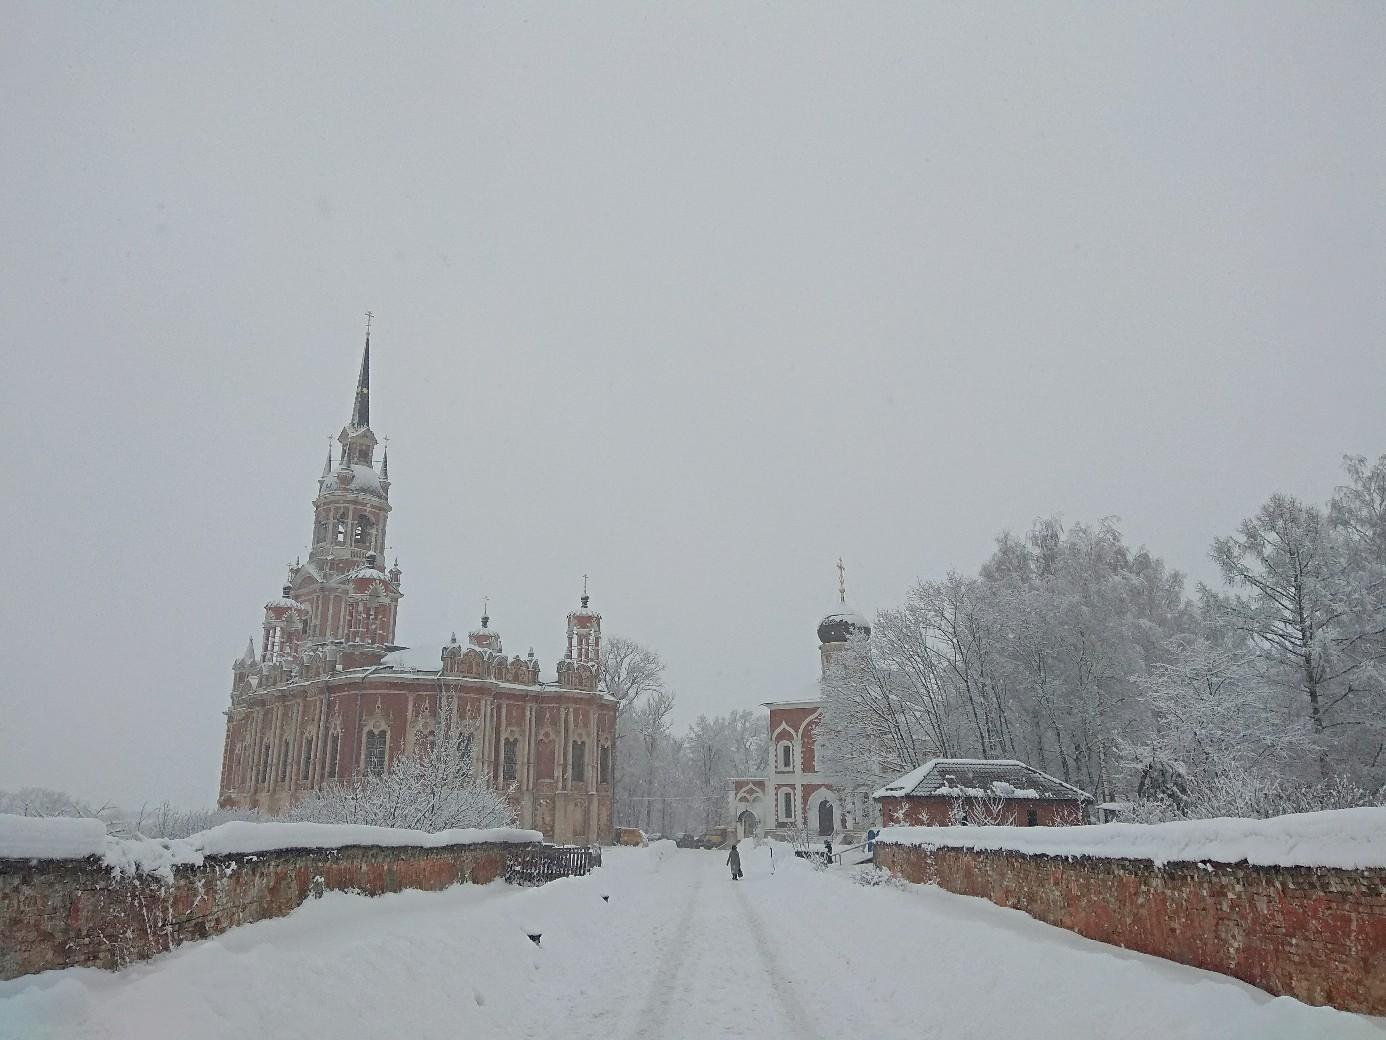 Заснеженный Можайск. Февраль 2019 год.